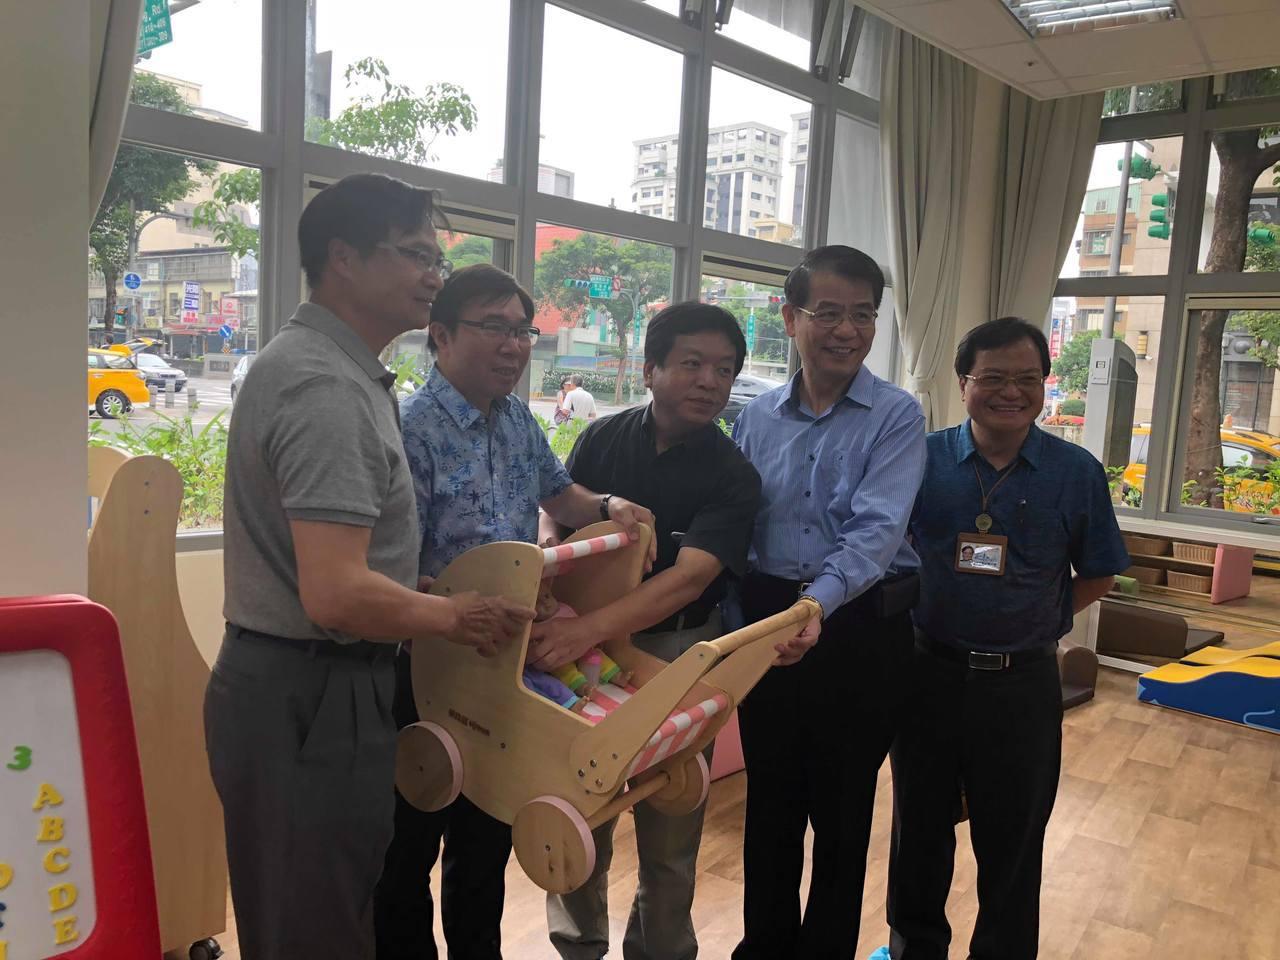 健康托嬰中心將於本月24日開幕,預計可收托45名小小孩。 記者陳靖宜/攝影